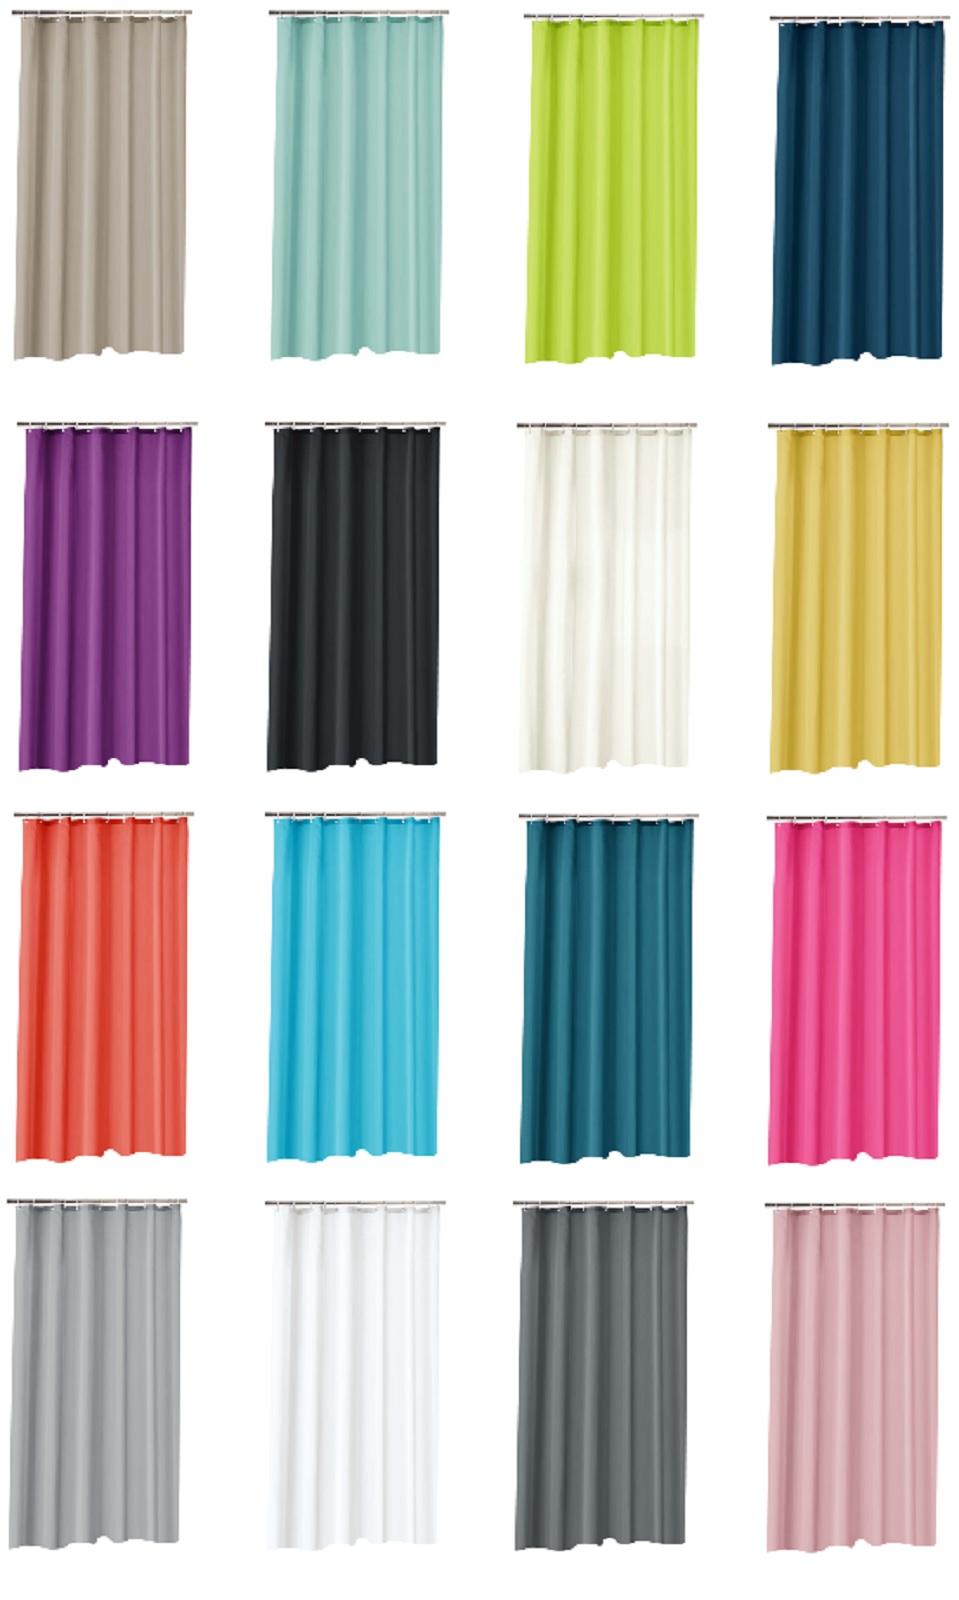 Duschvorhang aus Polyester Parkarma 180x200cm Wasserdicht Fr/ühling Duschvorhang